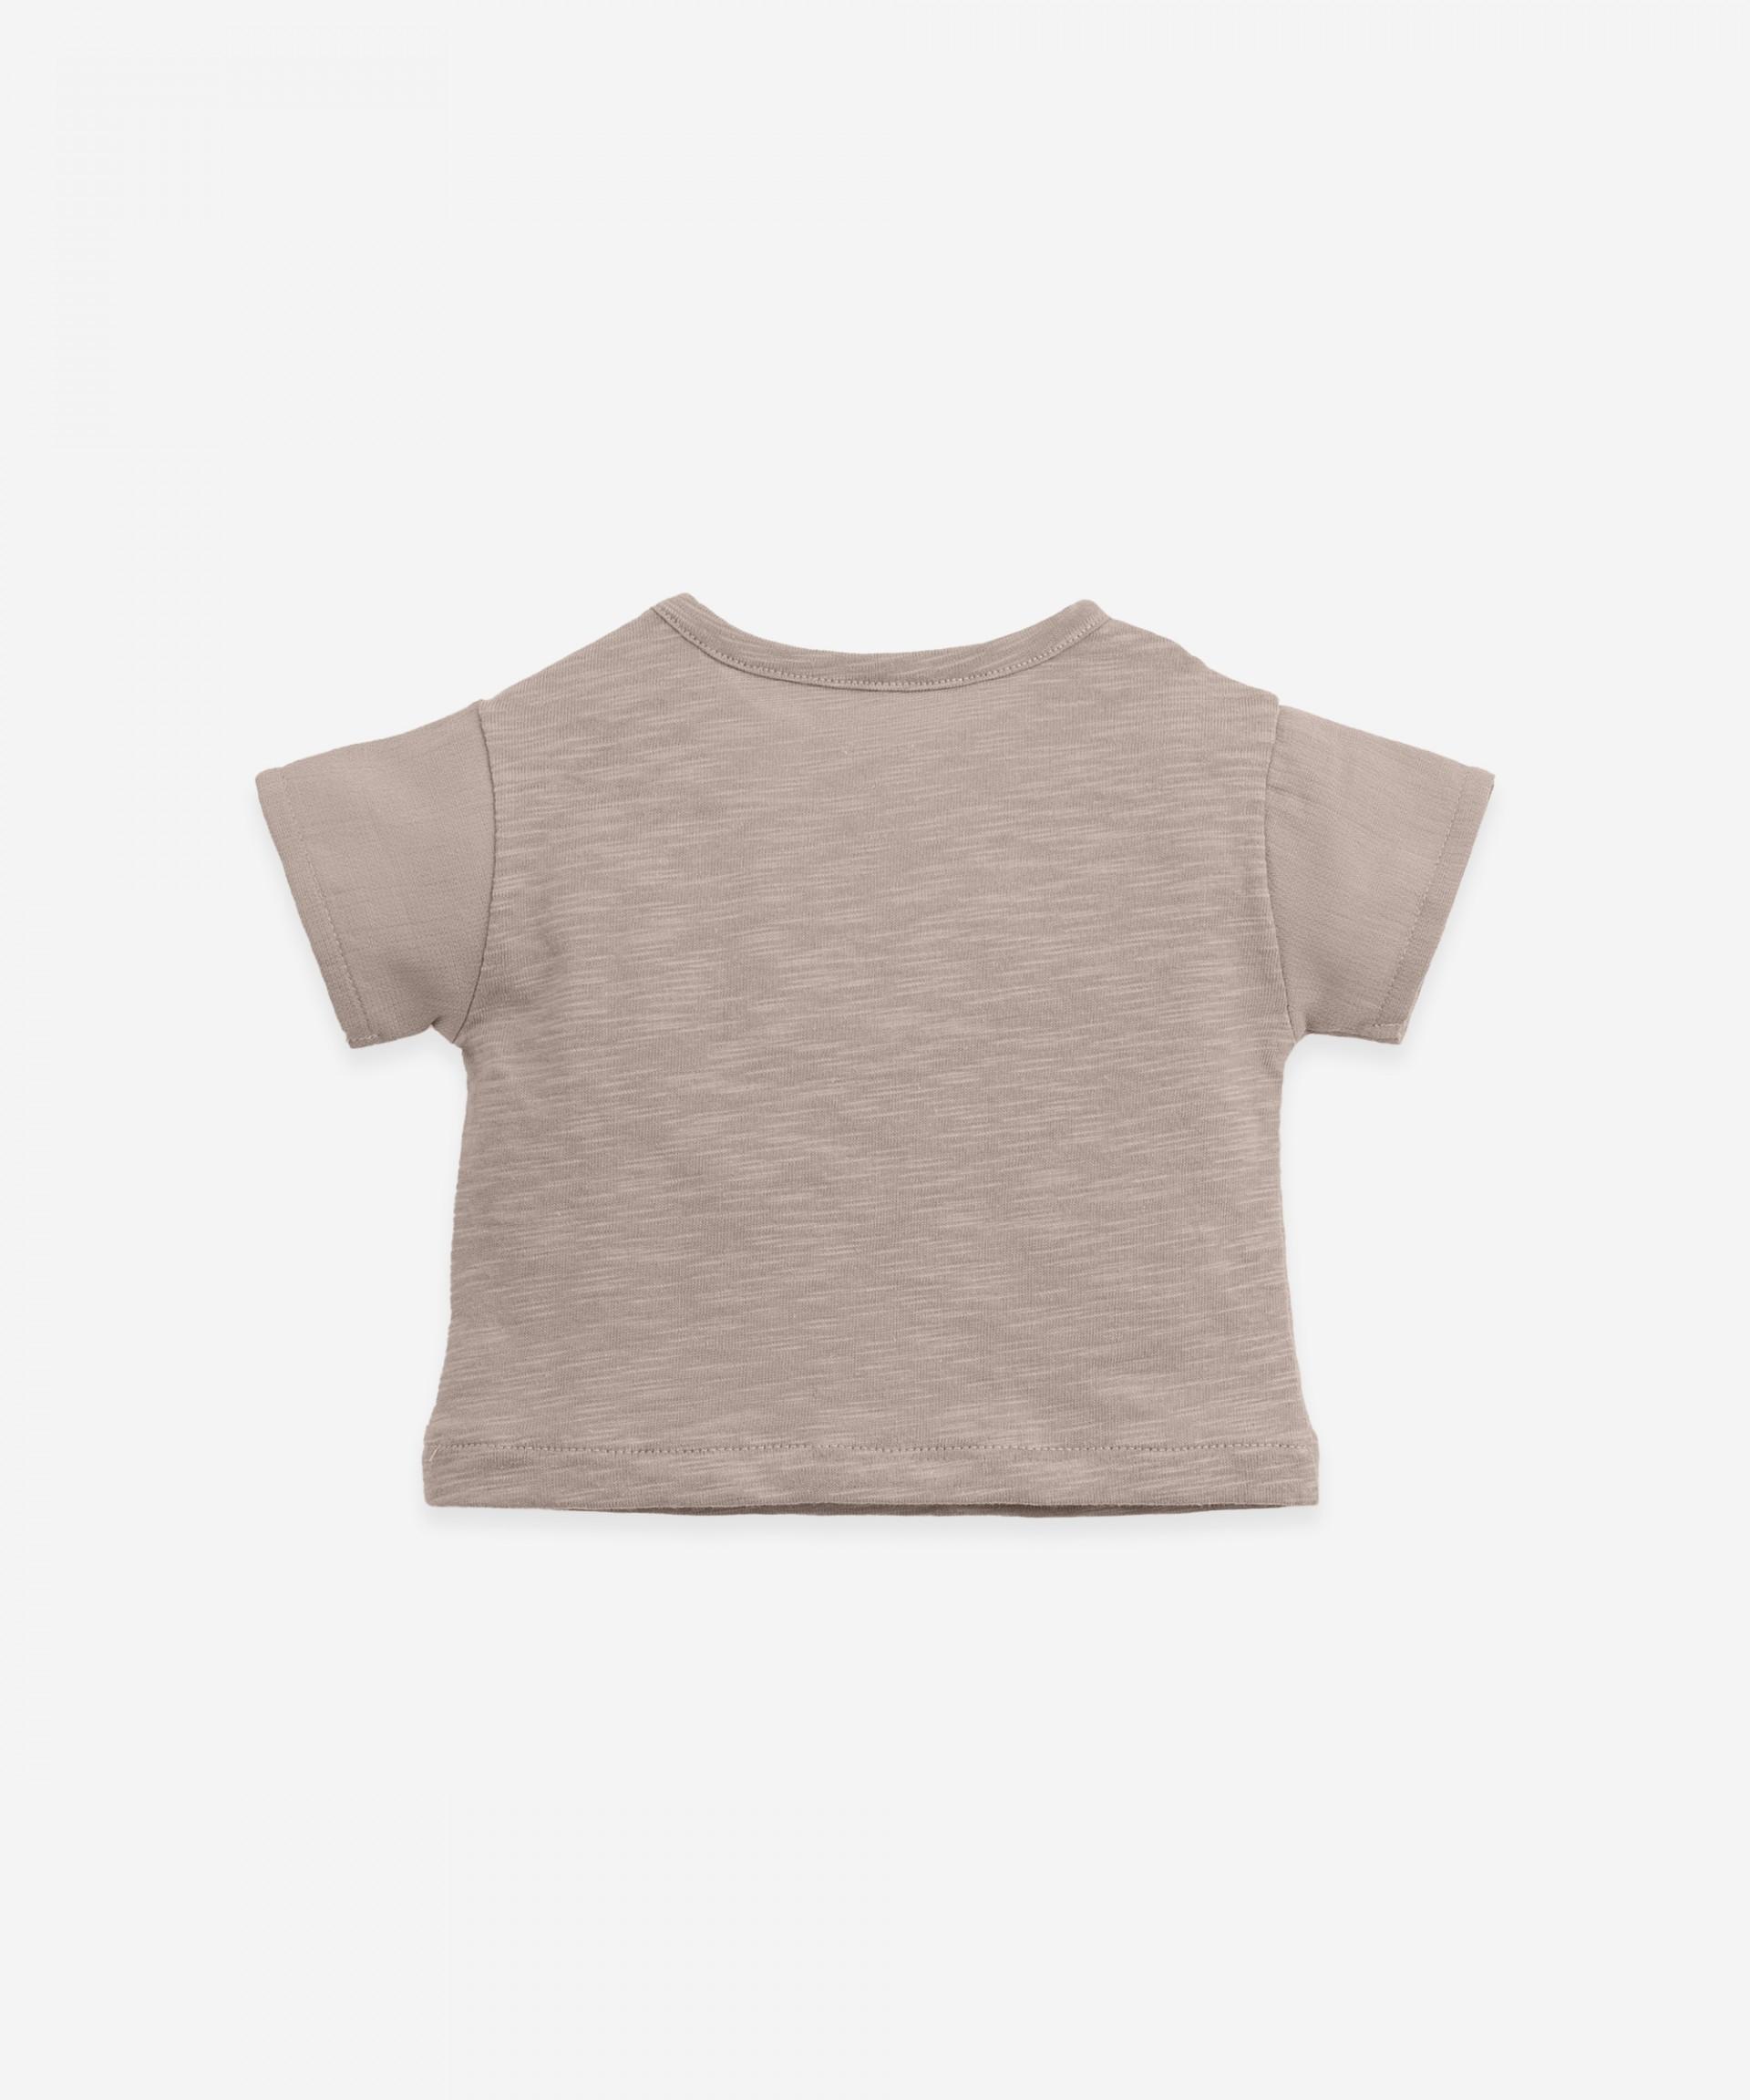 Camiseta con bolsillo frontal | Botany